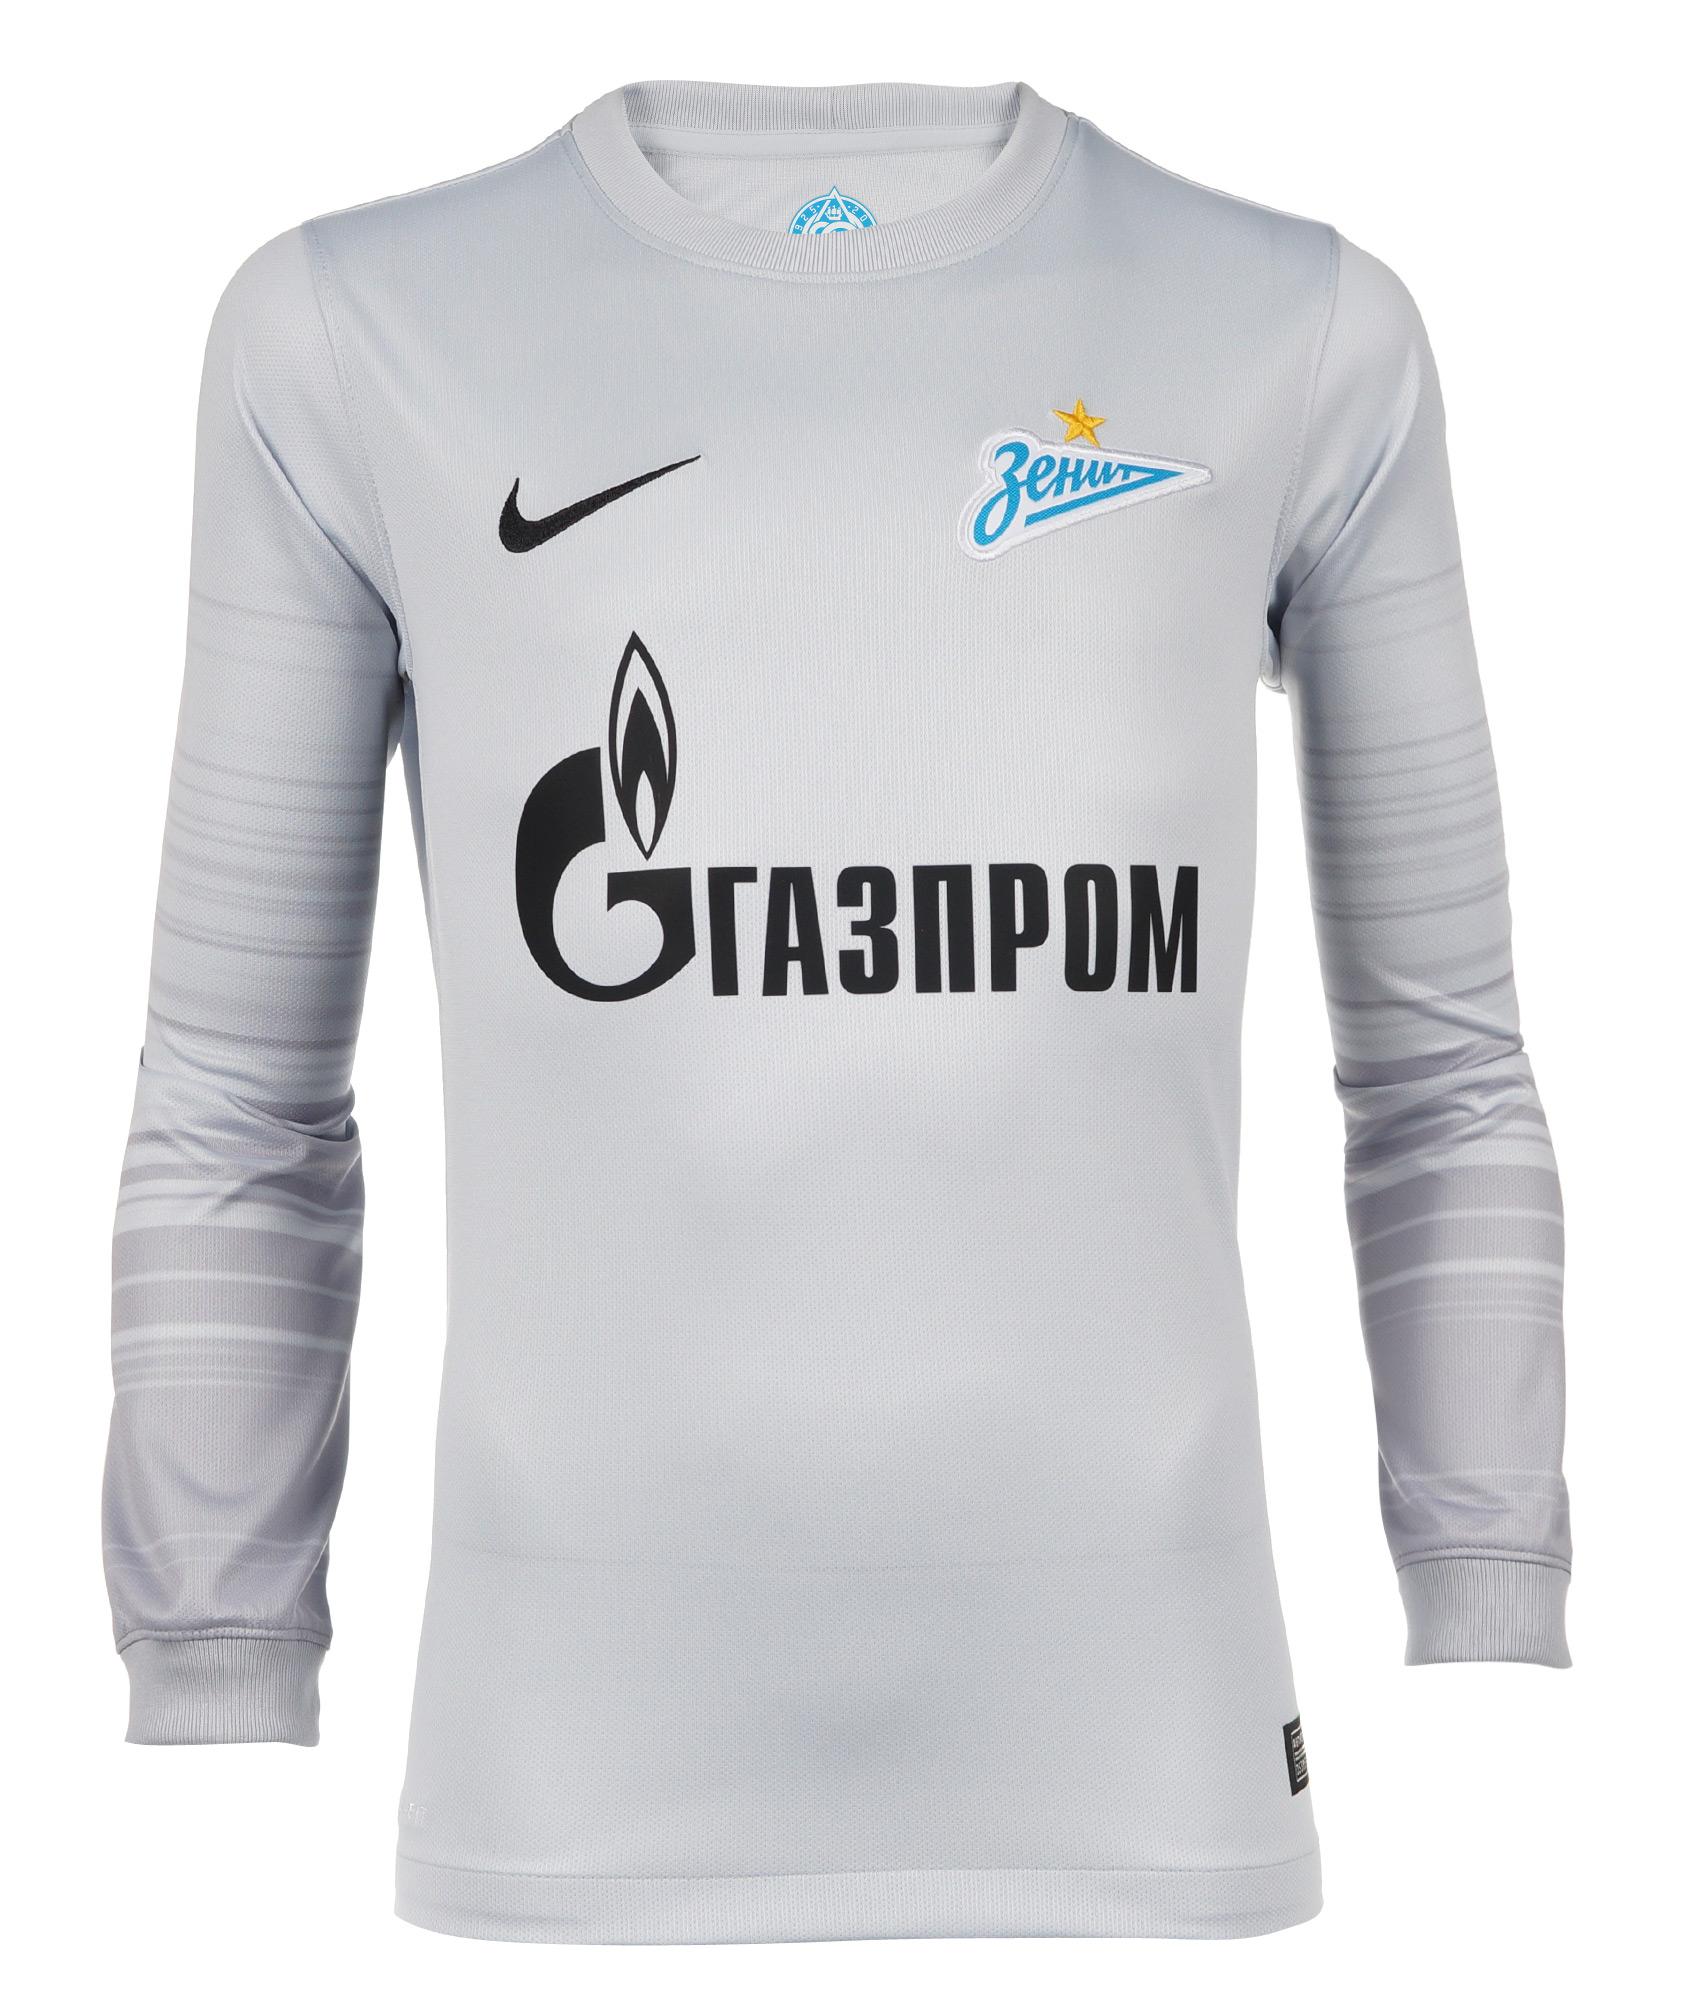 Вратарская подростковая футболка Nike Nike Цвет-Серый